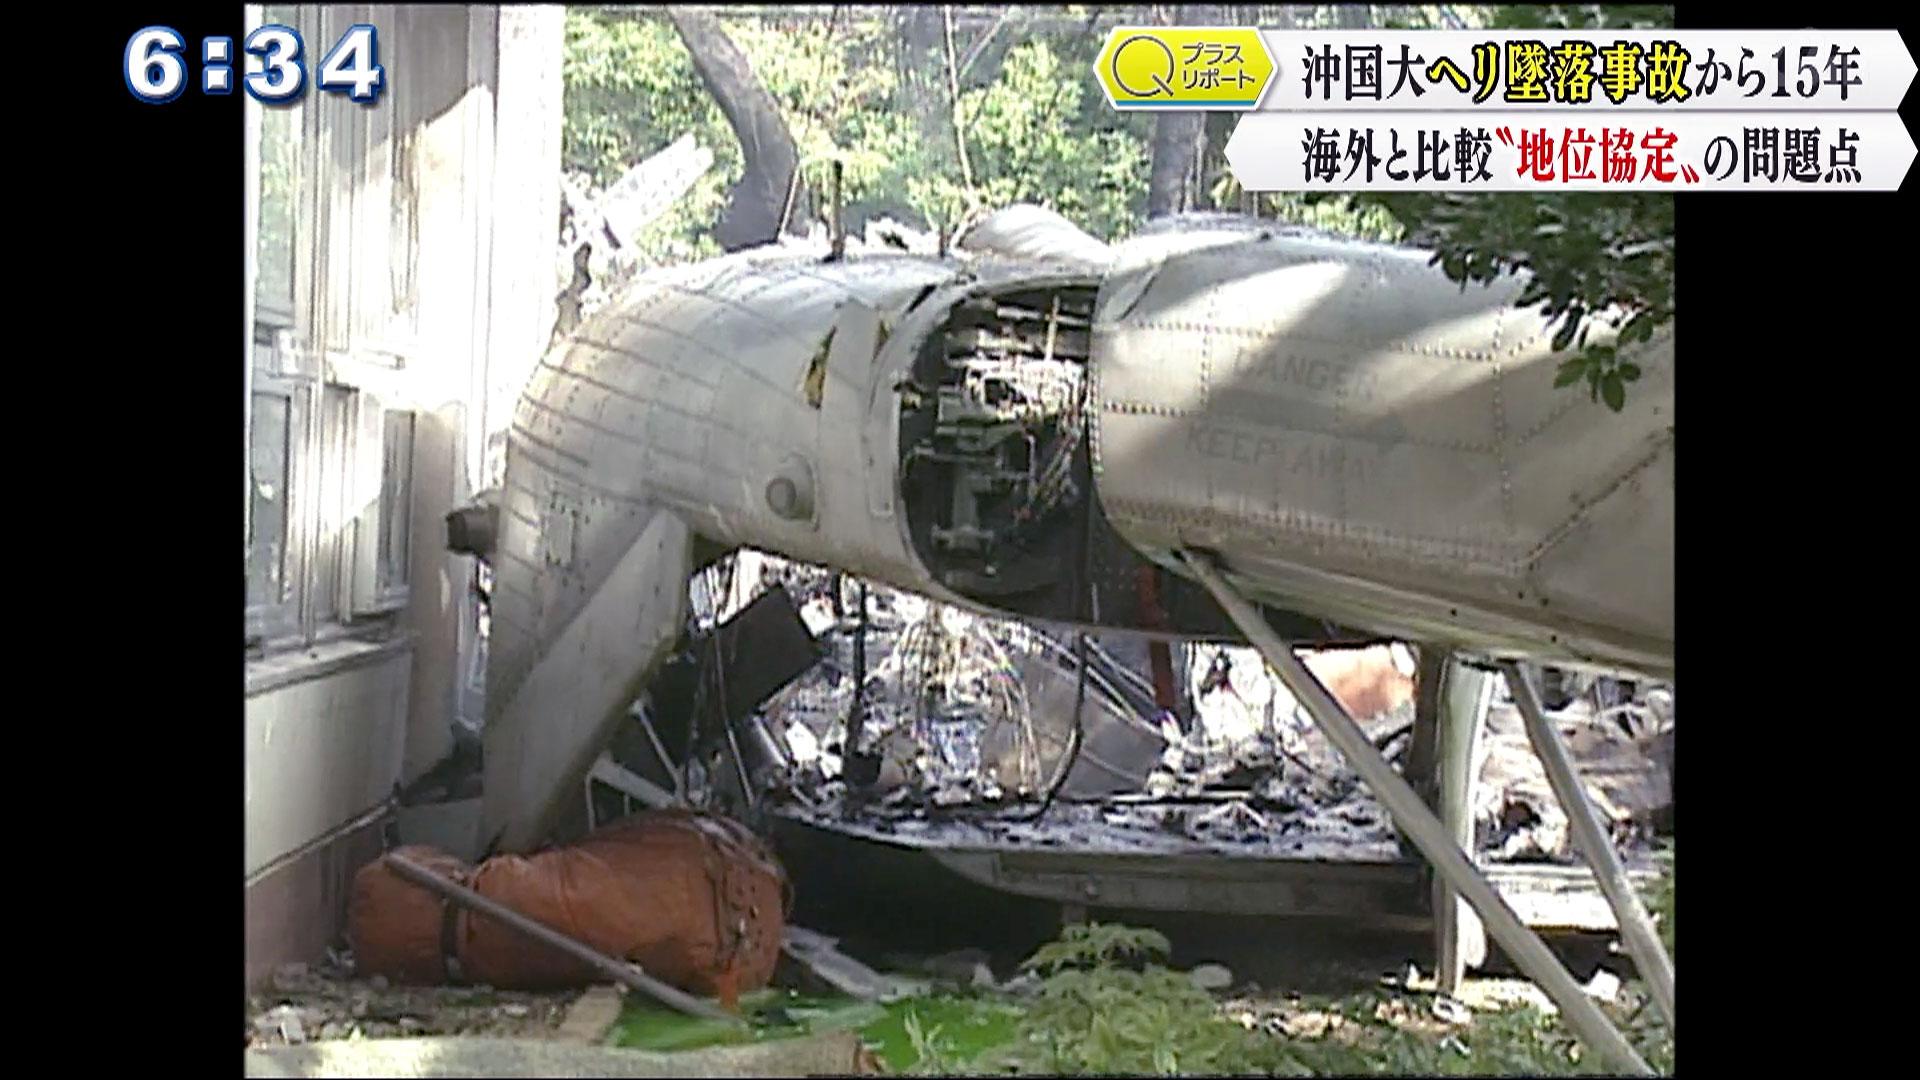 沖国ヘリ墜落15年 日米地位協定と他国比較